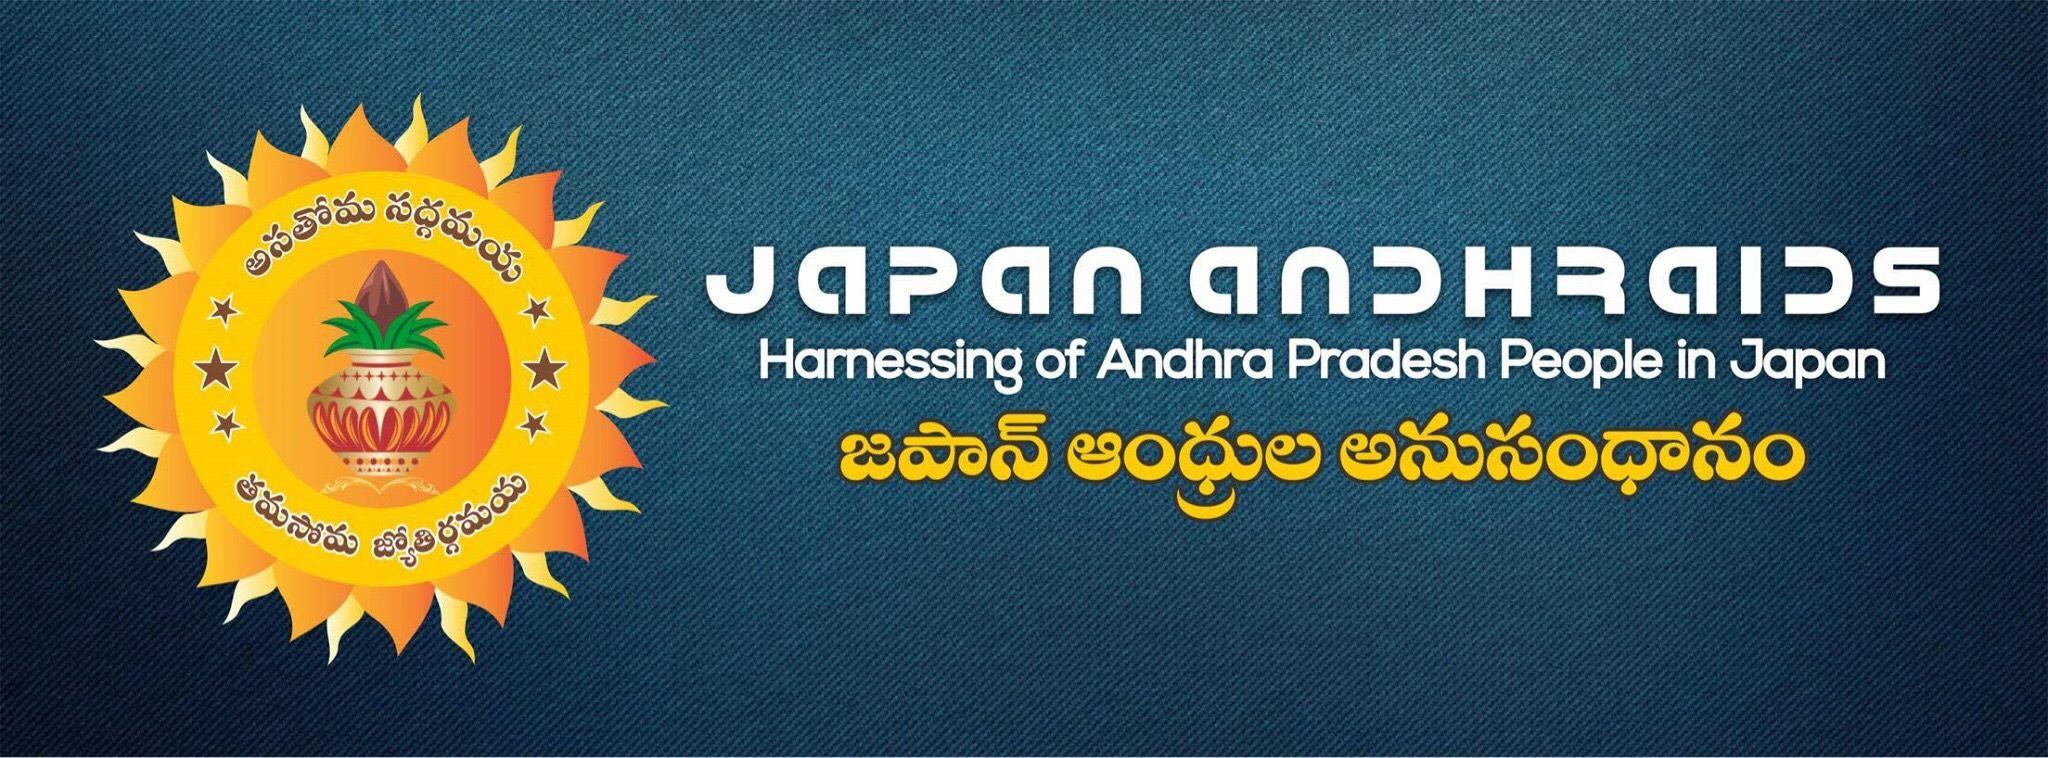 JAPANANDHRAIDS